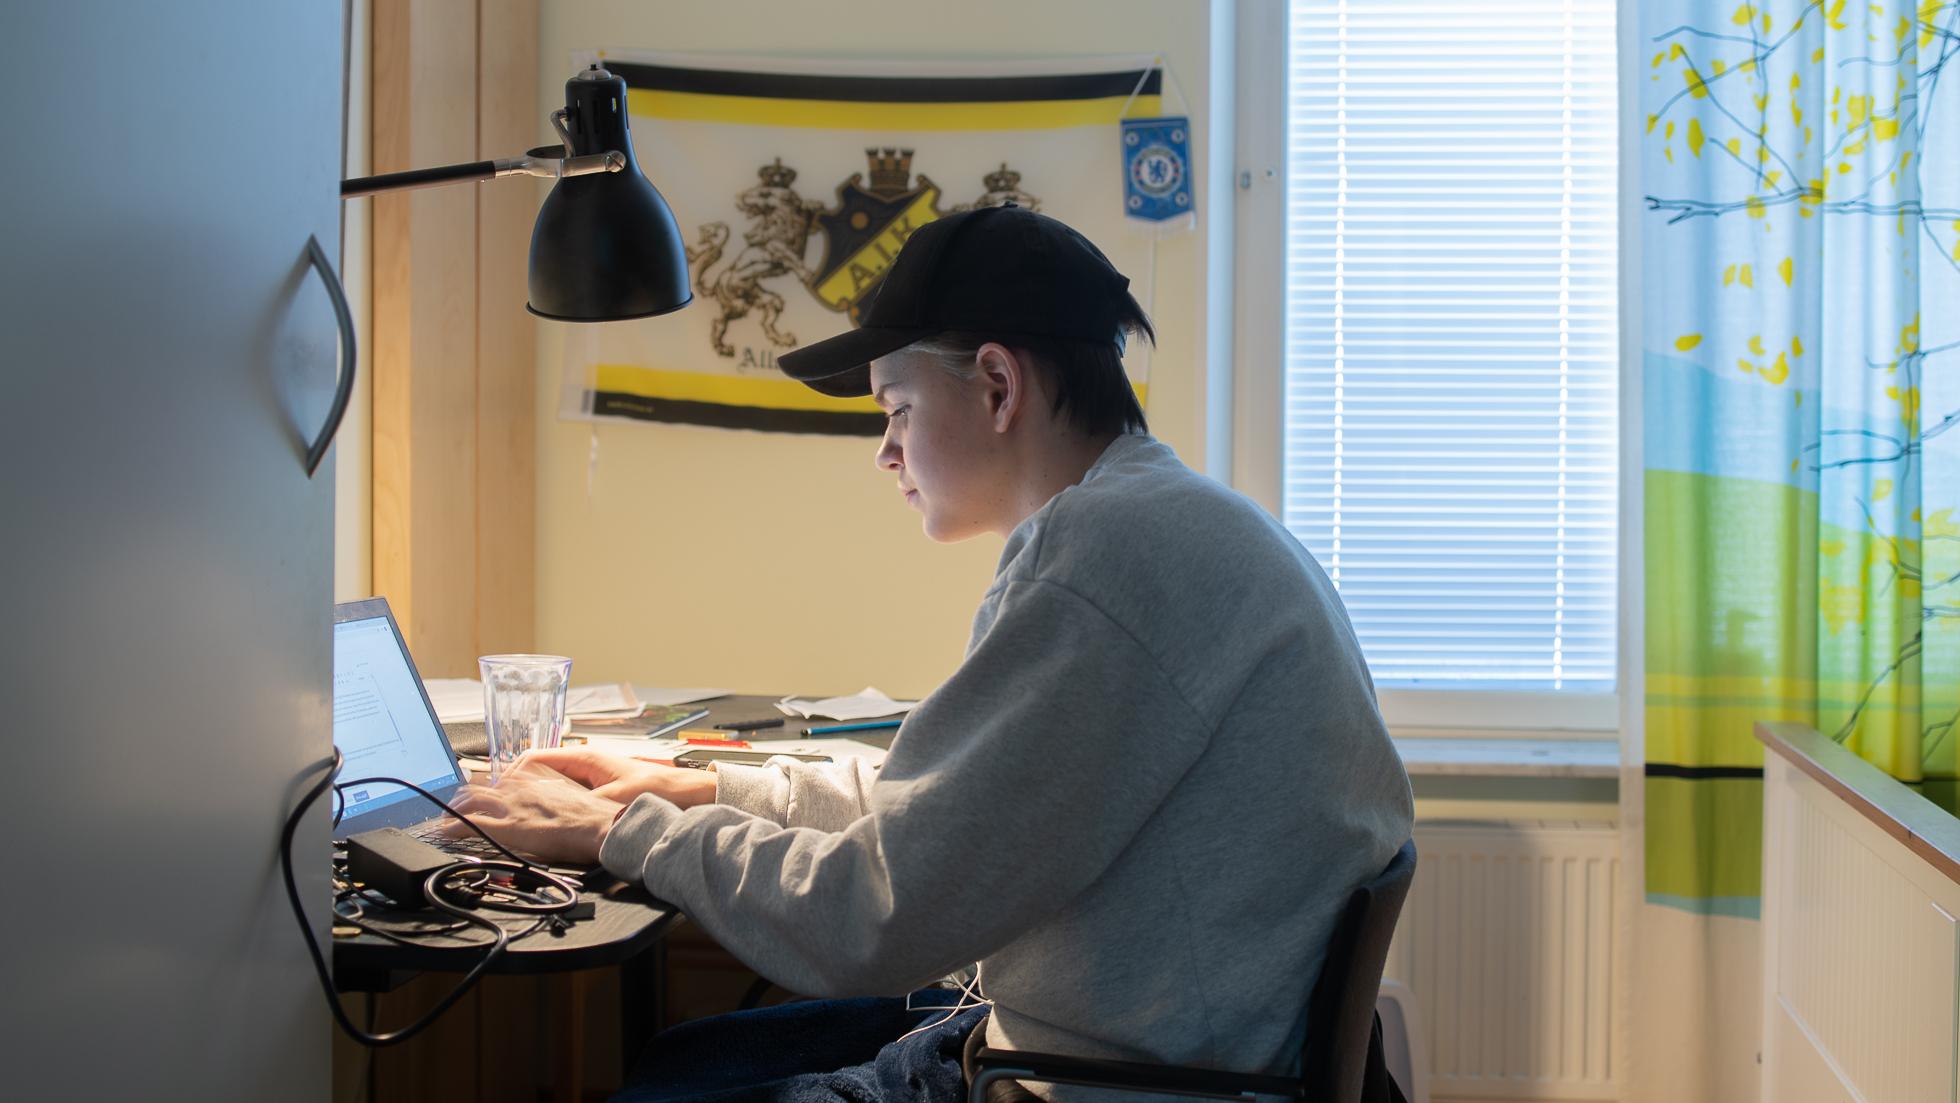 Pojke vid dator arbetar med skola hemma